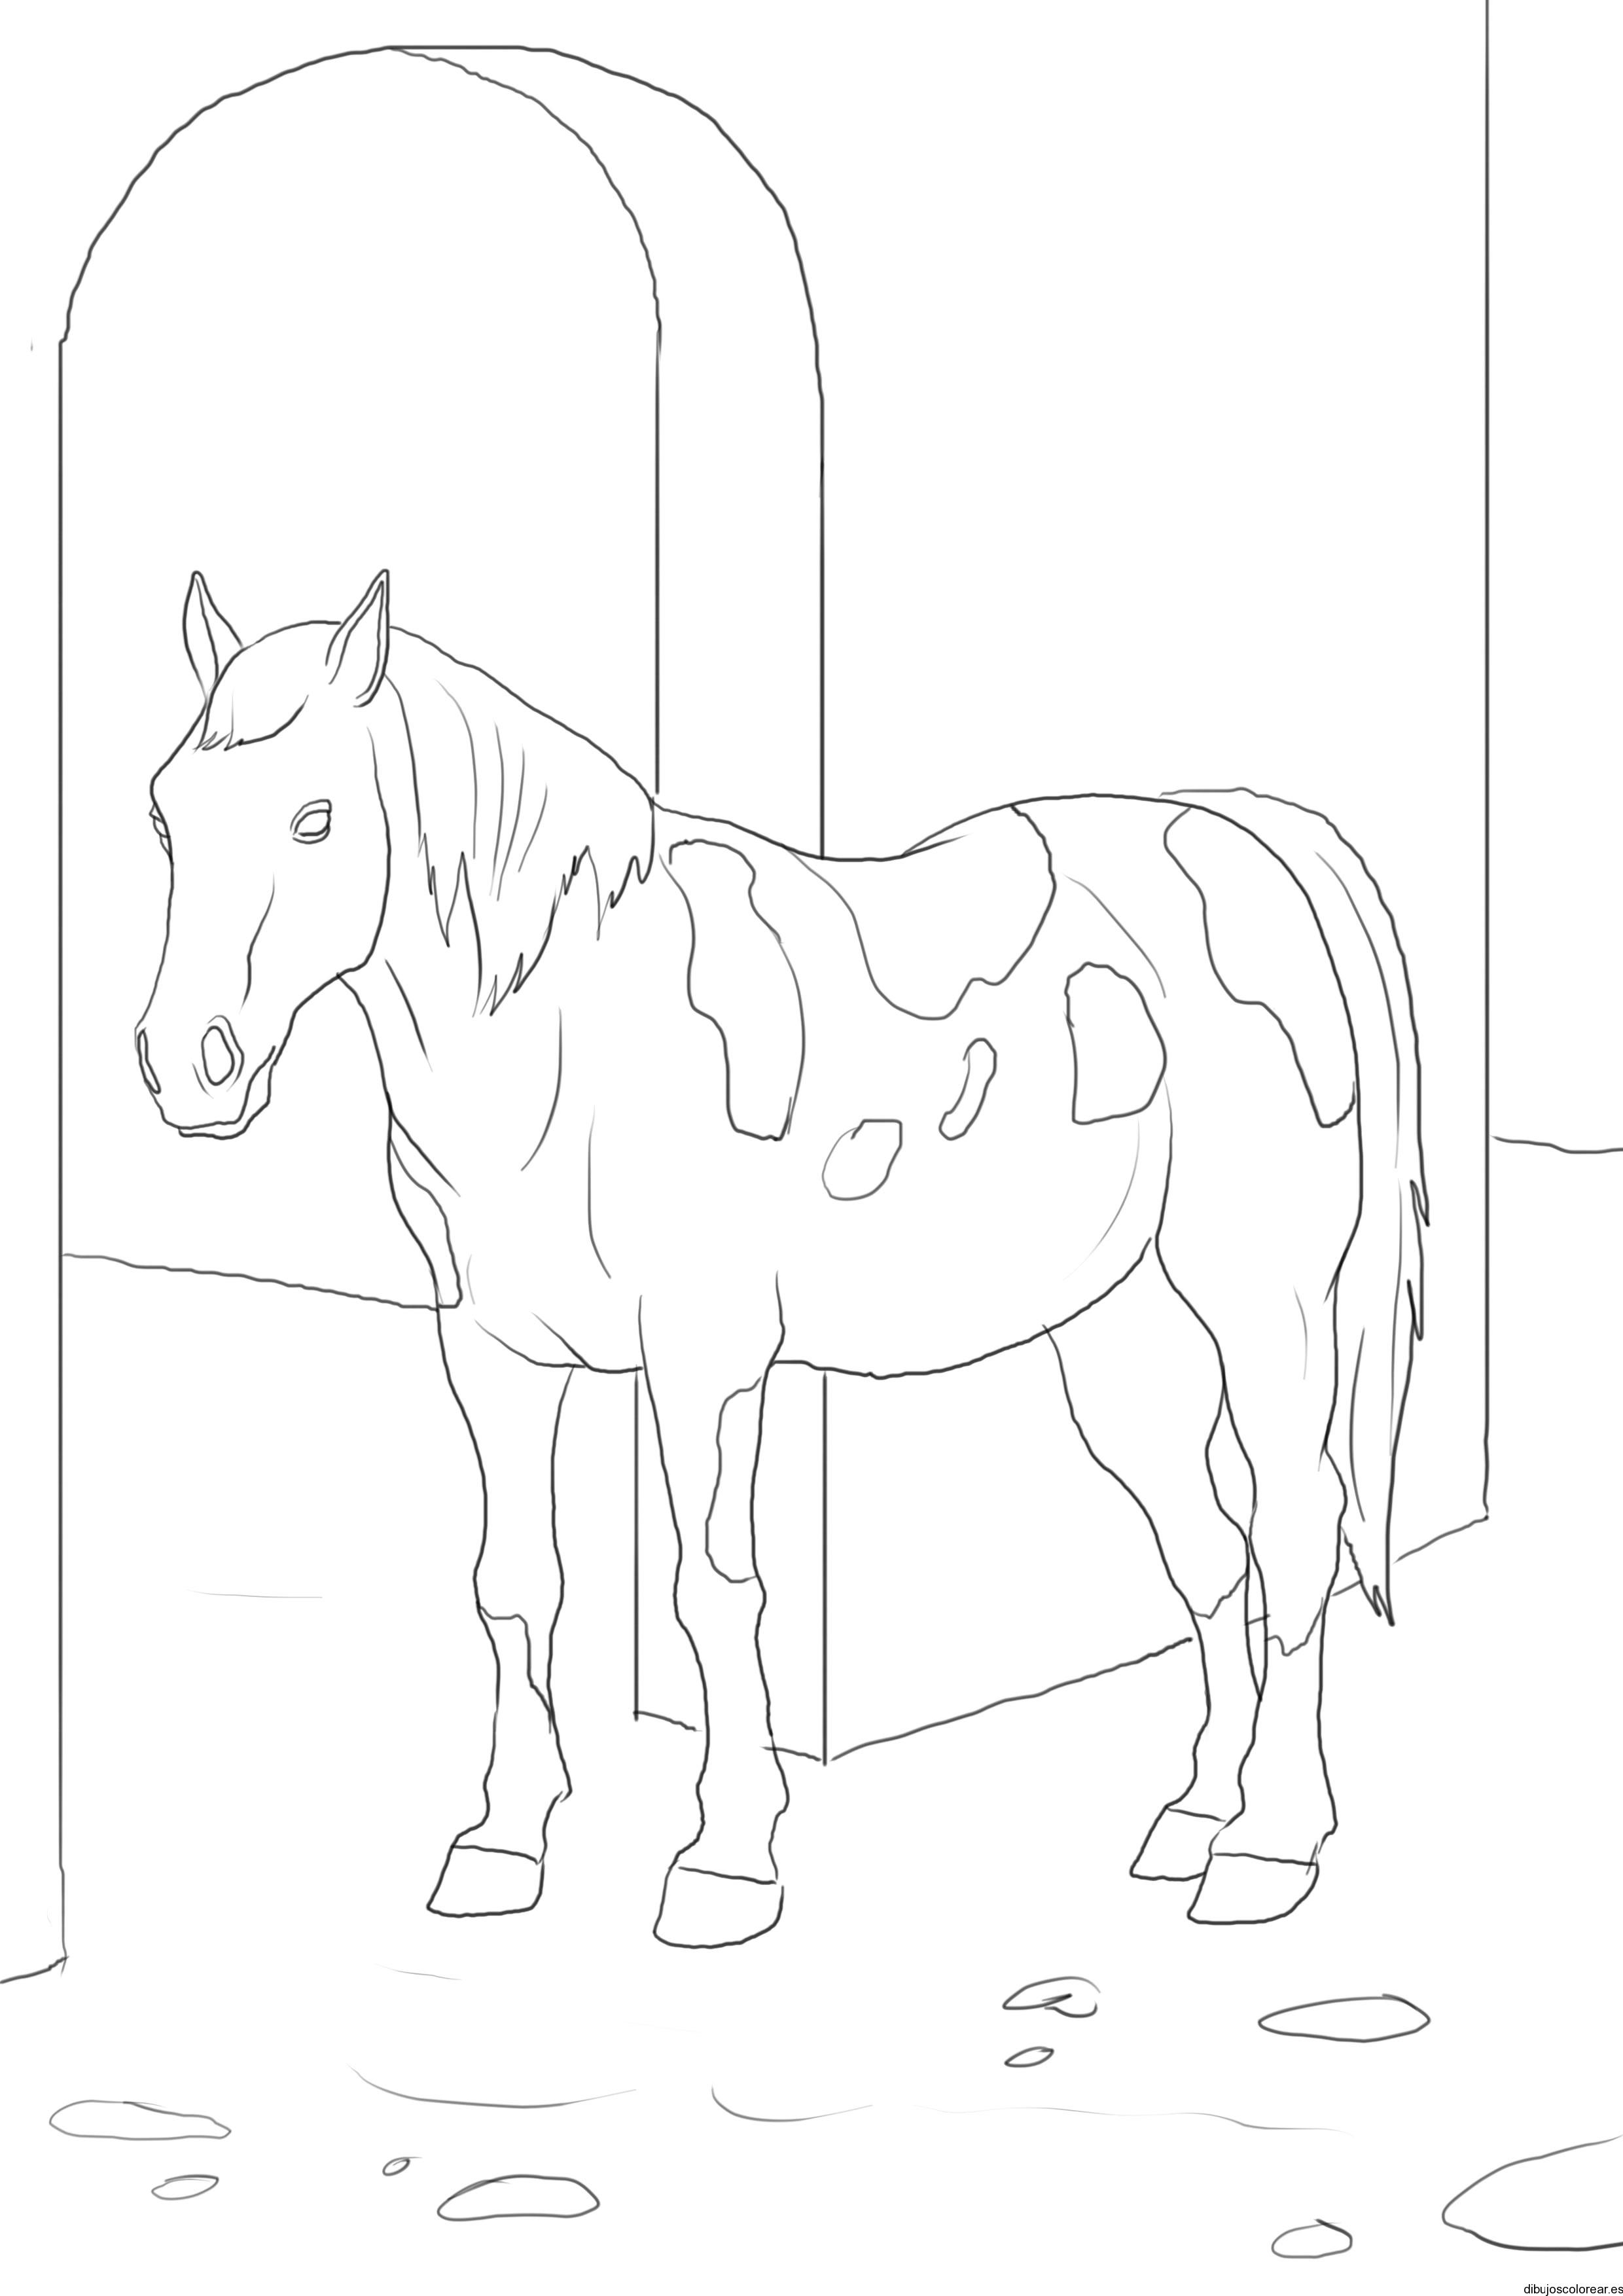 Dibujo De Un Caballo En Un Establo